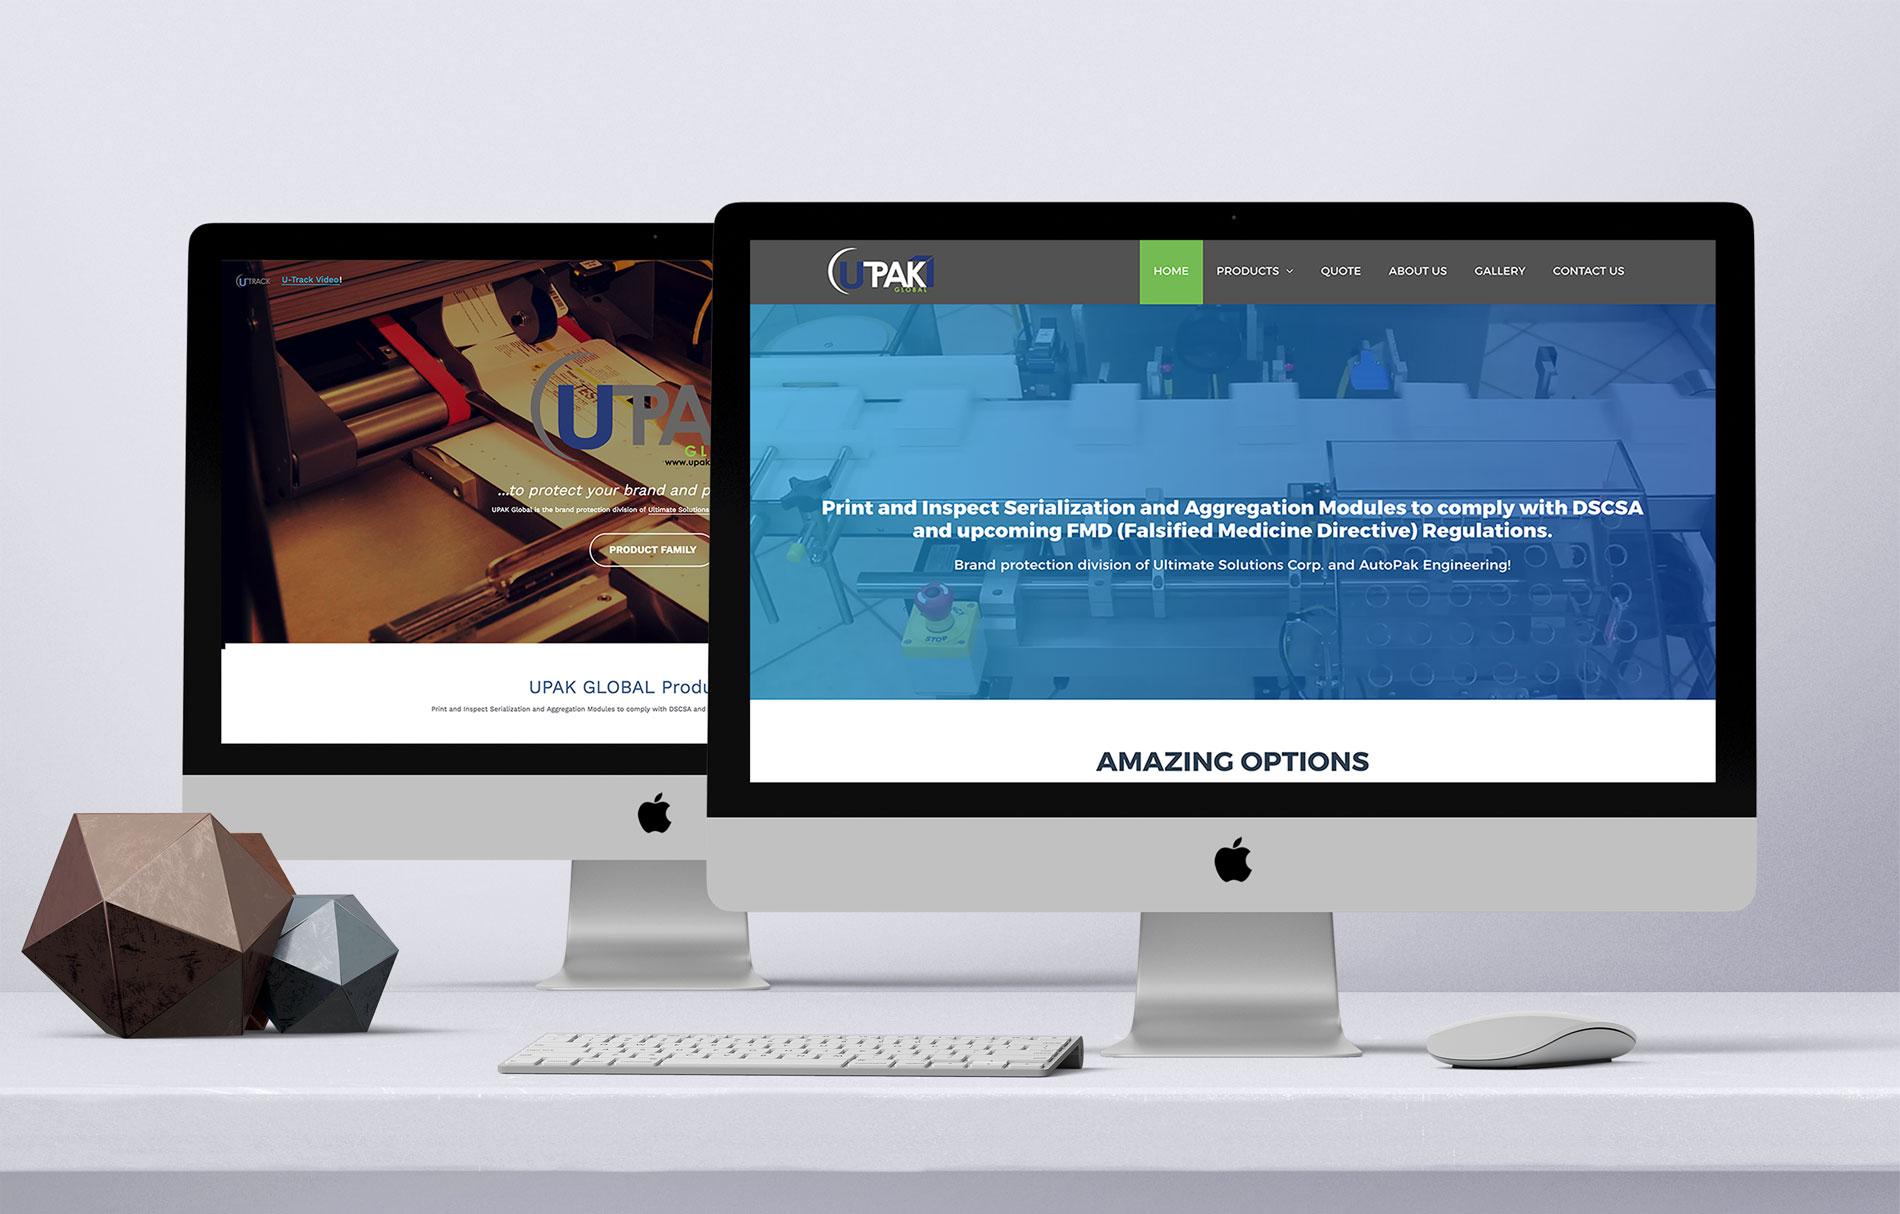 Actualización de presencia corporativa y la digital de Upak Global